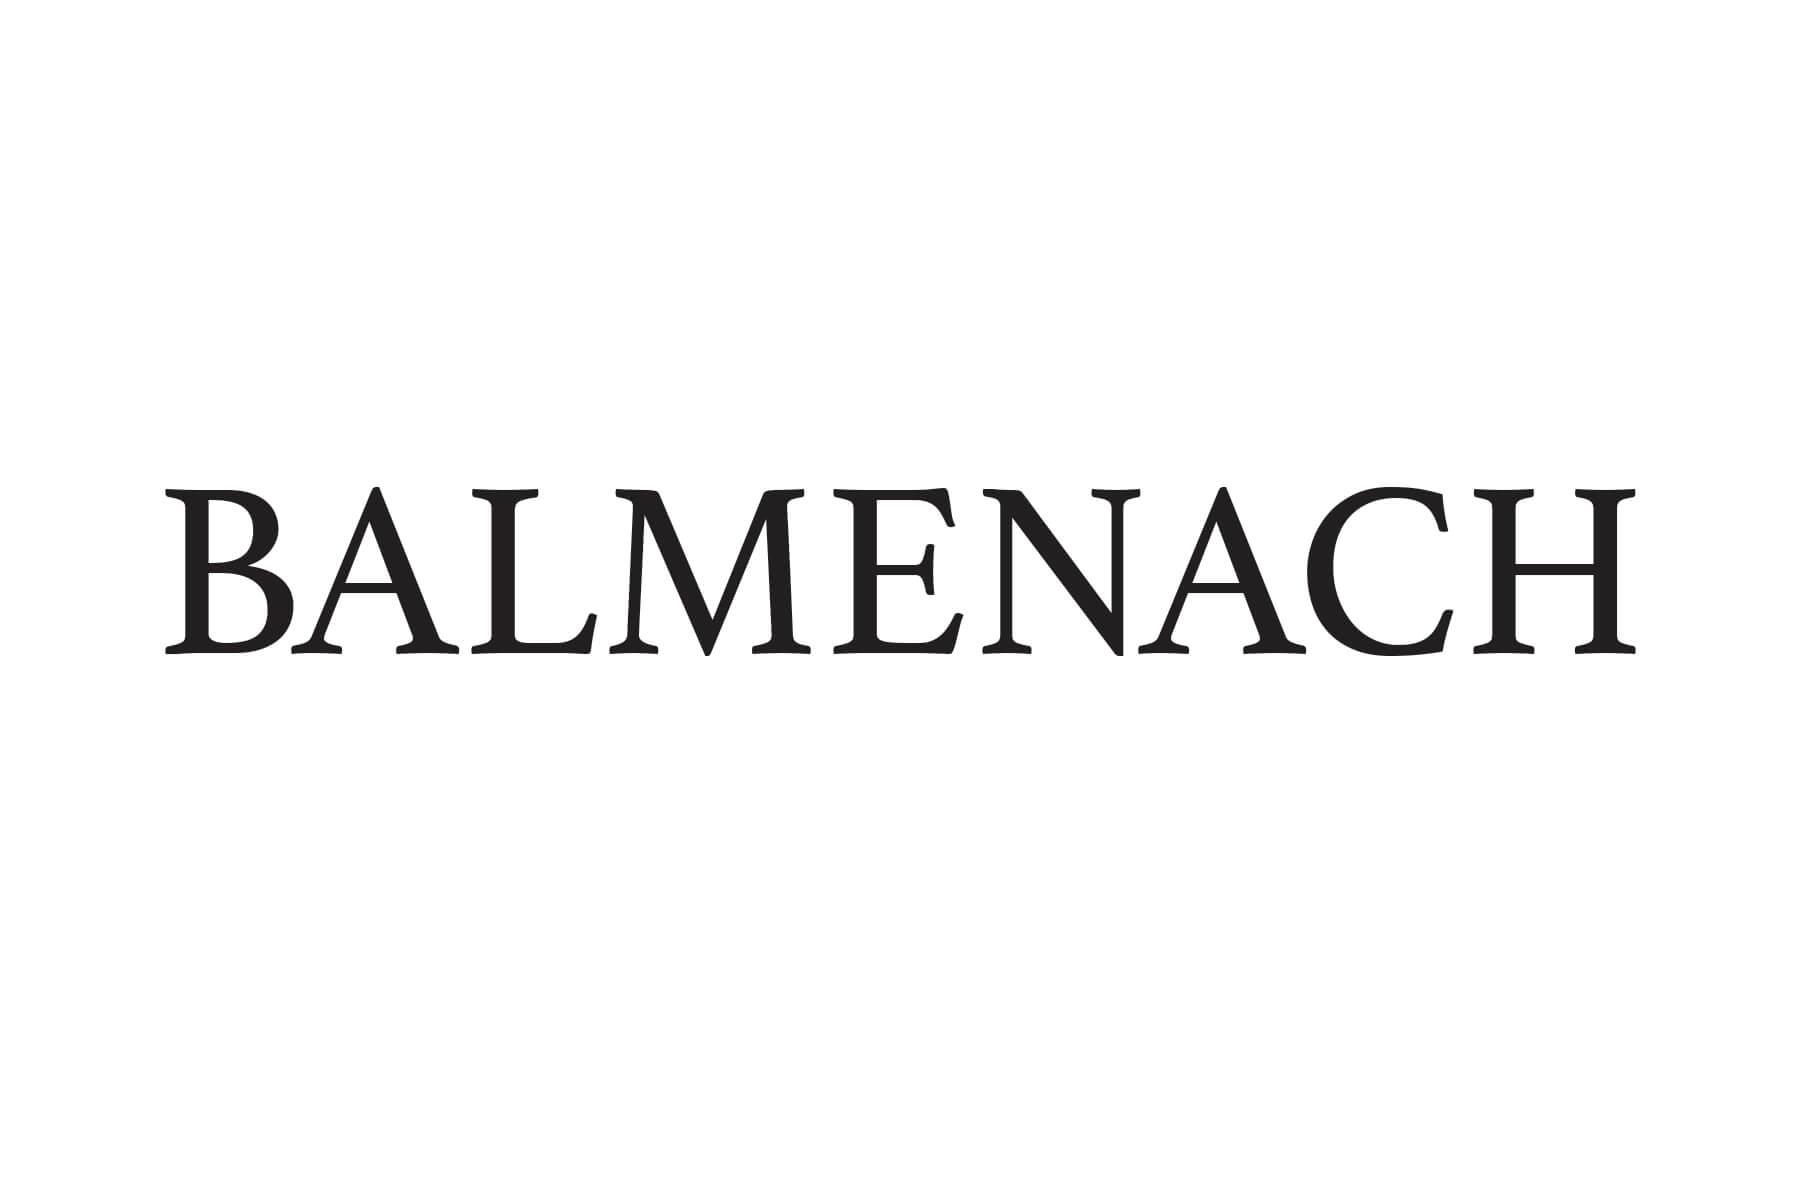 Balmenach Speyside Distillery